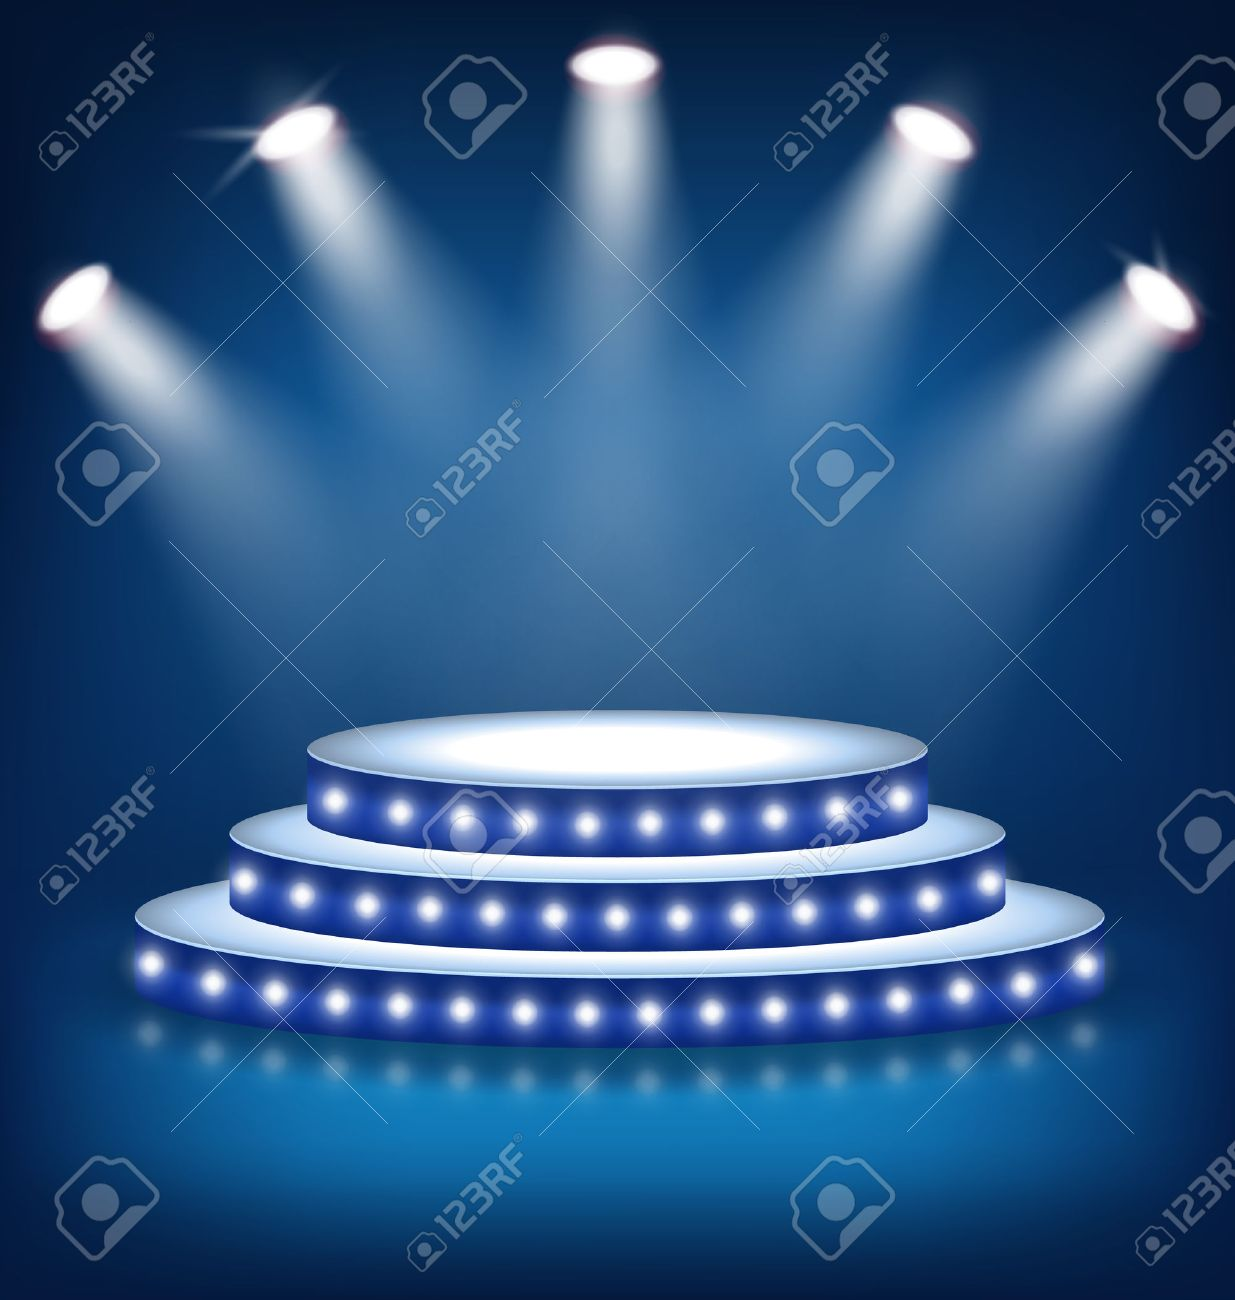 Illuminated Festive Stage Podium with Lamps on Blue Background - 47163638